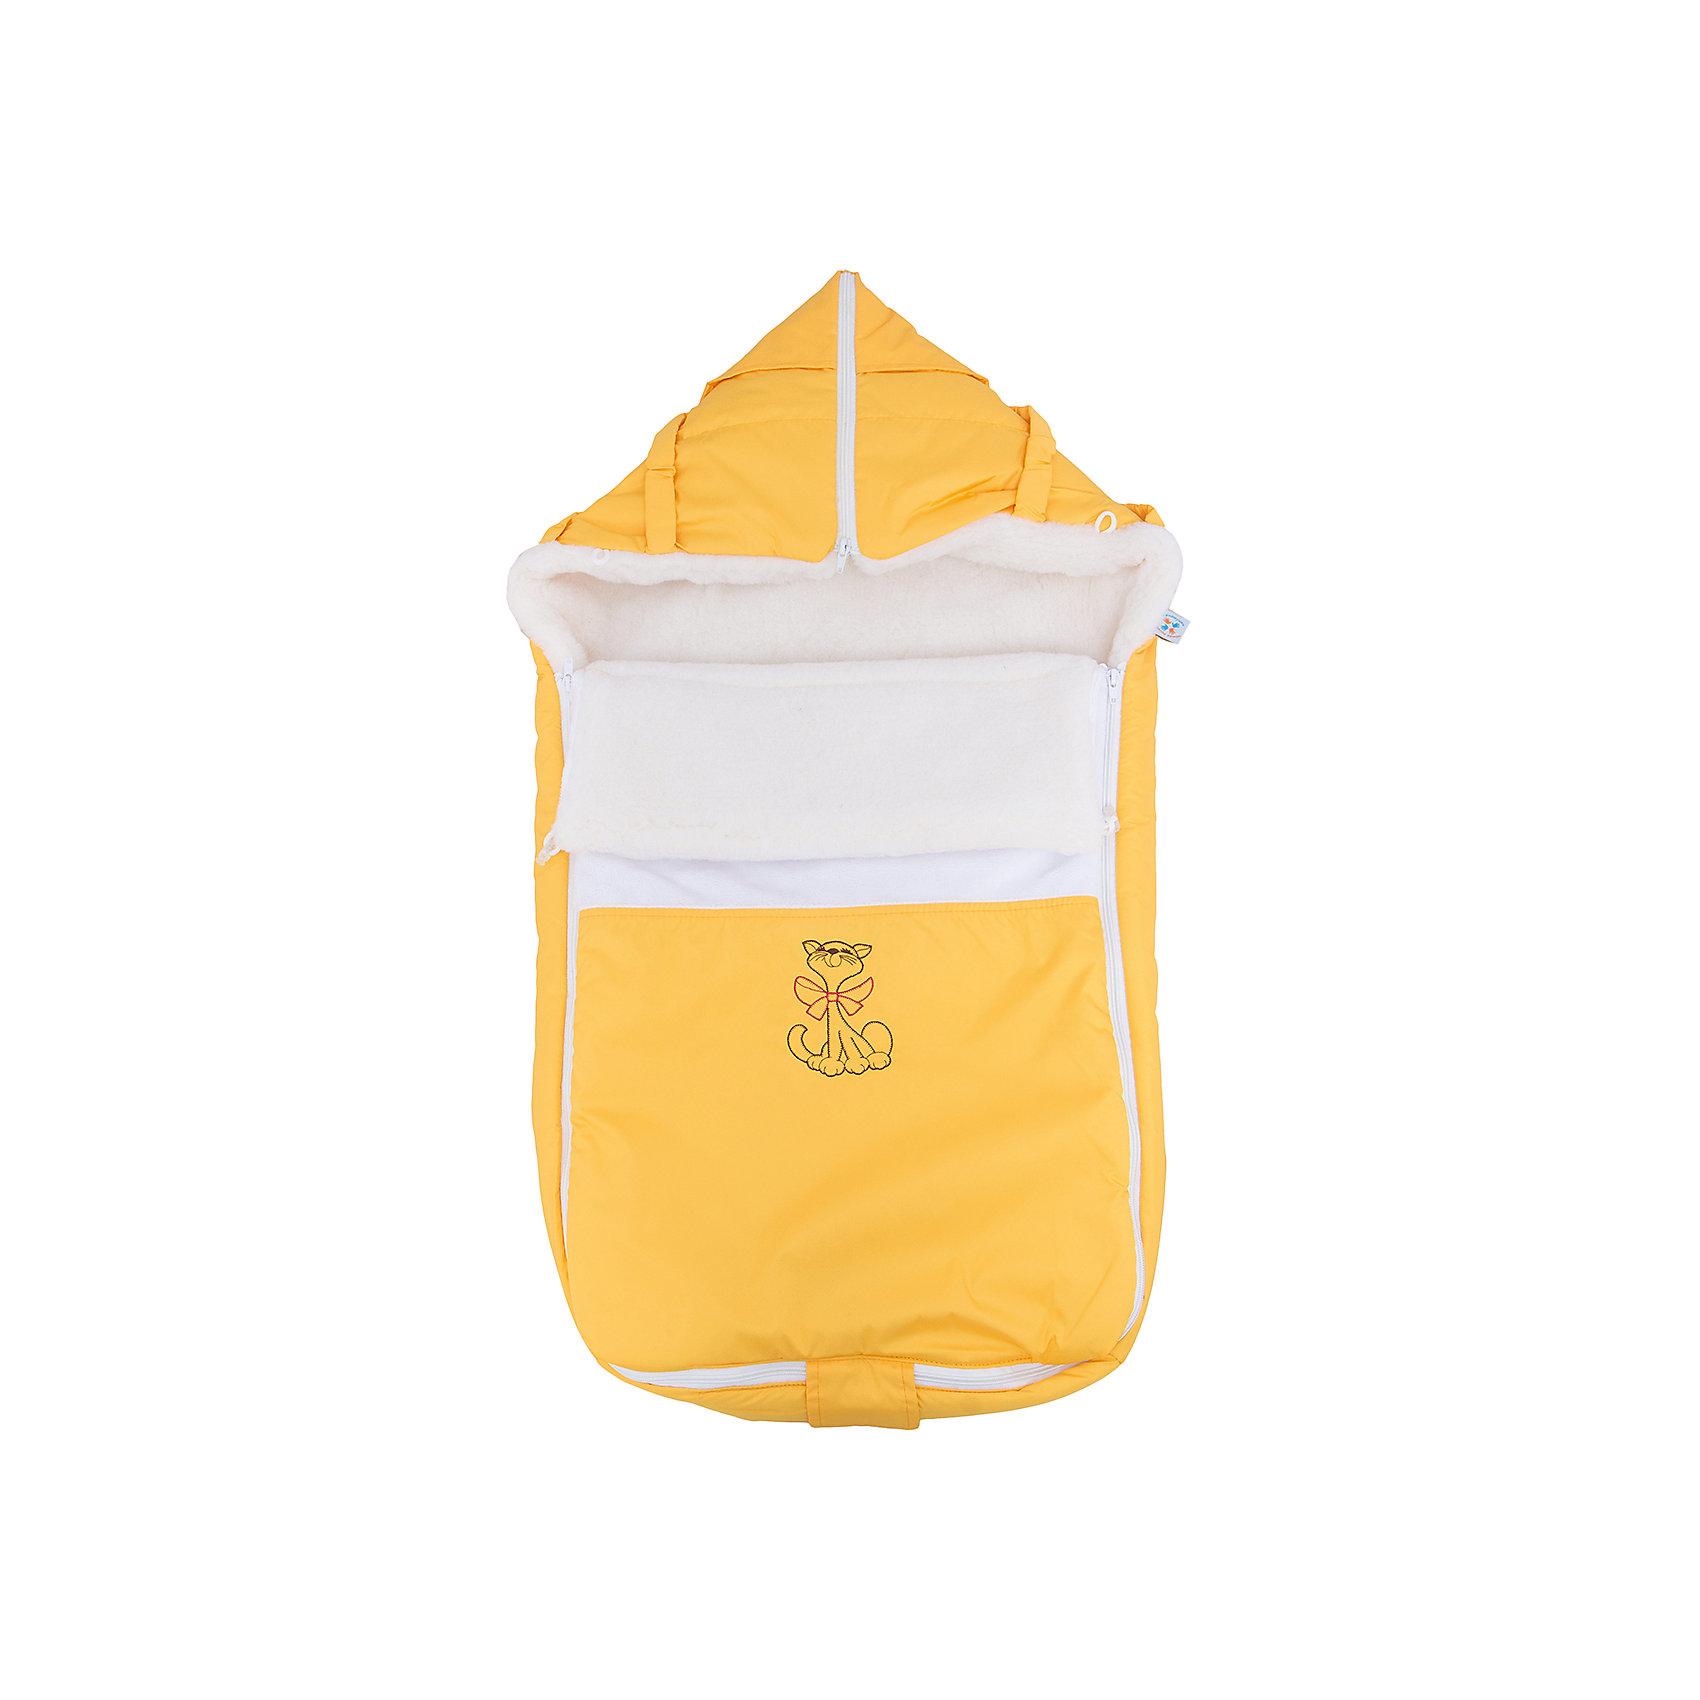 Меховой конверт Ладушка, Топотушки, жёлтыйЗимние конверты<br>Меховой конверт Ладушка, Топотушки, желтый<br><br>Характеристики:<br><br>-Возраст: от 0 до 7 месяцев<br>-Цвет: желтый<br>-Материал: - влагостойкая ткань снаружи<br>-теплый мех внутри<br><br>Меховой конверт Ладушка, Топотушки, желтый согреет вашего малыша в холодное время года. Благодаря материалу, конверт не промокнет при контакте с водой. Это защитить ребёнка от простуды. В то же время конверт не будет препятствовать поступлению воздуха. По бокам находятся две молнии, поэтому вы сможете быстро и удобно расстегнуть конверт, не потревожив малыша. Конверт трансформируется в плед или теплую подкладку. С меховым конвертом Ладушка прогулки вашего малыша станут теплыми и комфортными. <br><br>Меховой конверт Ладушка, Топотушки, желтый можно приобрести в нашем интернет-магазине.<br><br>Ширина мм: 780<br>Глубина мм: 420<br>Высота мм: 50<br>Вес г: 500<br>Возраст от месяцев: 0<br>Возраст до месяцев: 7<br>Пол: Унисекс<br>Возраст: Детский<br>SKU: 5086349